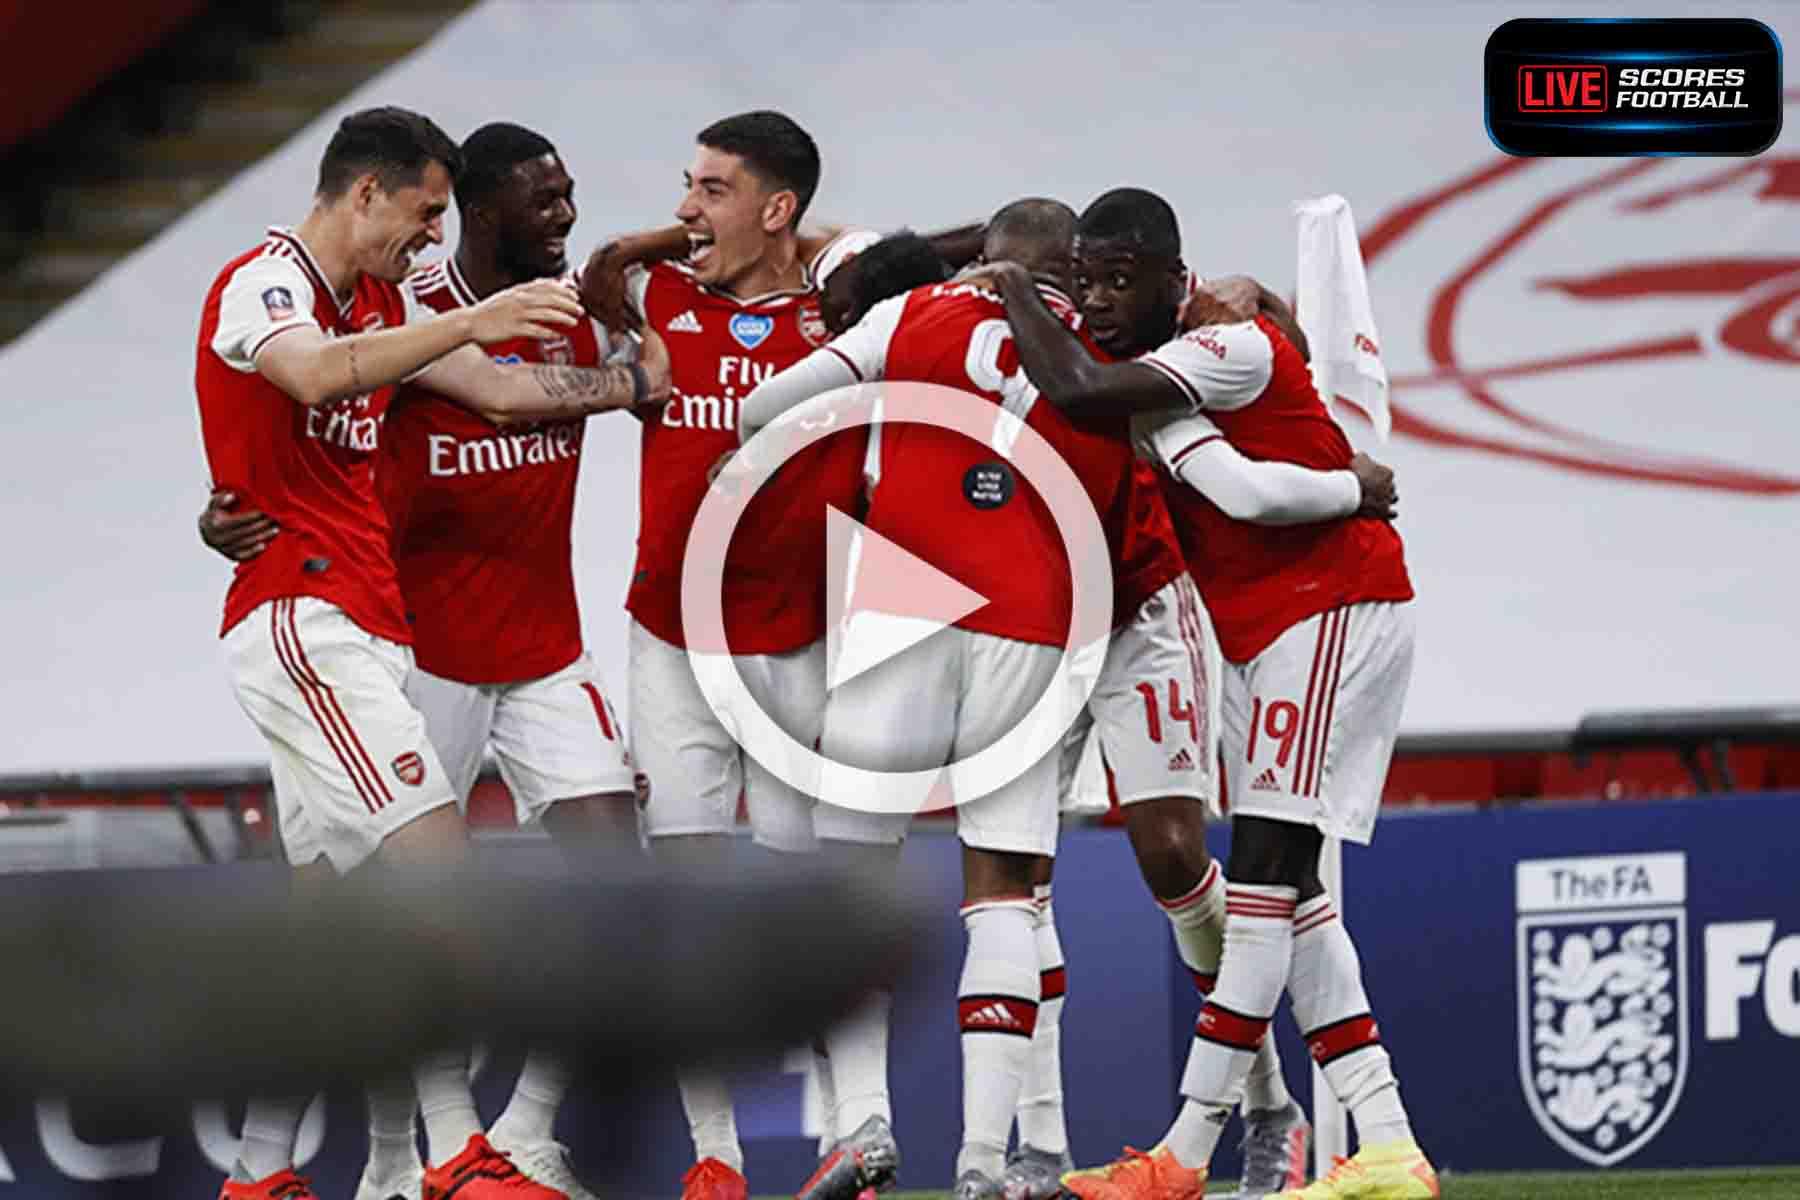 ไฮไลท์คู่เด็ด FA Cup อาร์เซน่อล 2-0 แมนฯ ซิตี้ วันที่ 18-7-2020 - LivescoresFB